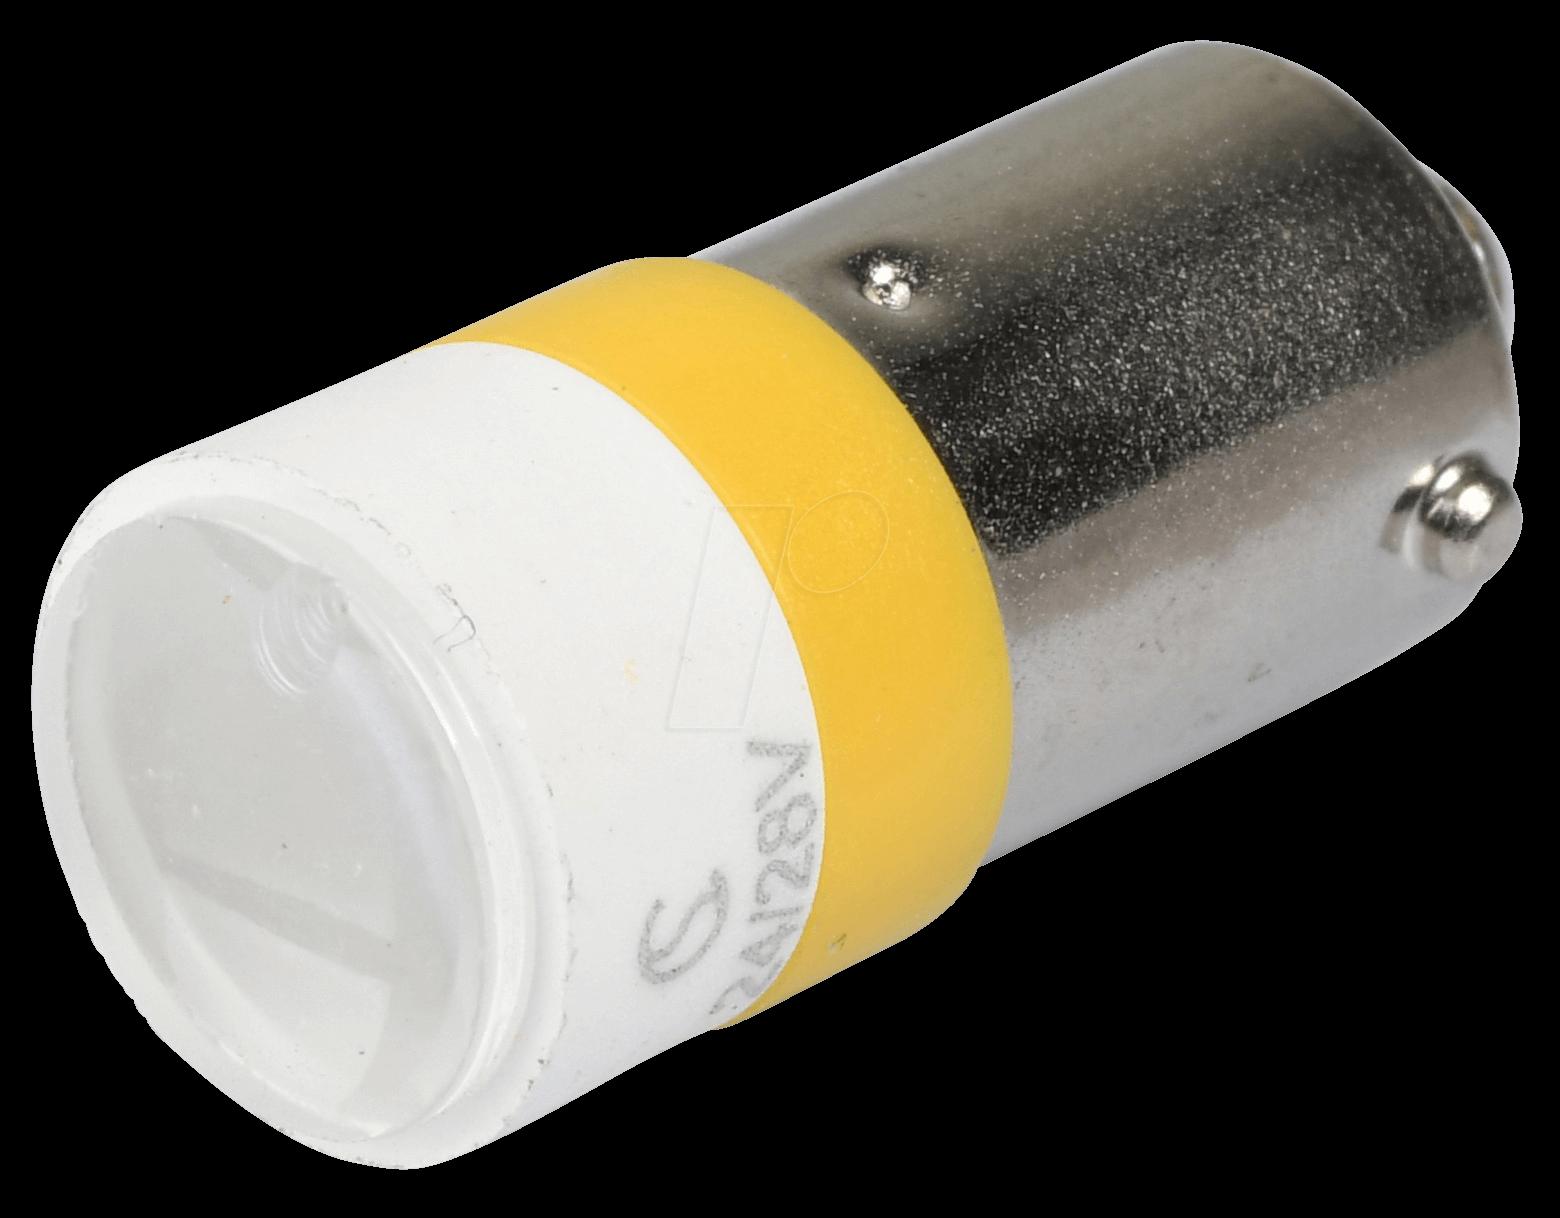 MELB 2214 - LED-Spot-Light, BA9s, gelb, 24 V, 3...